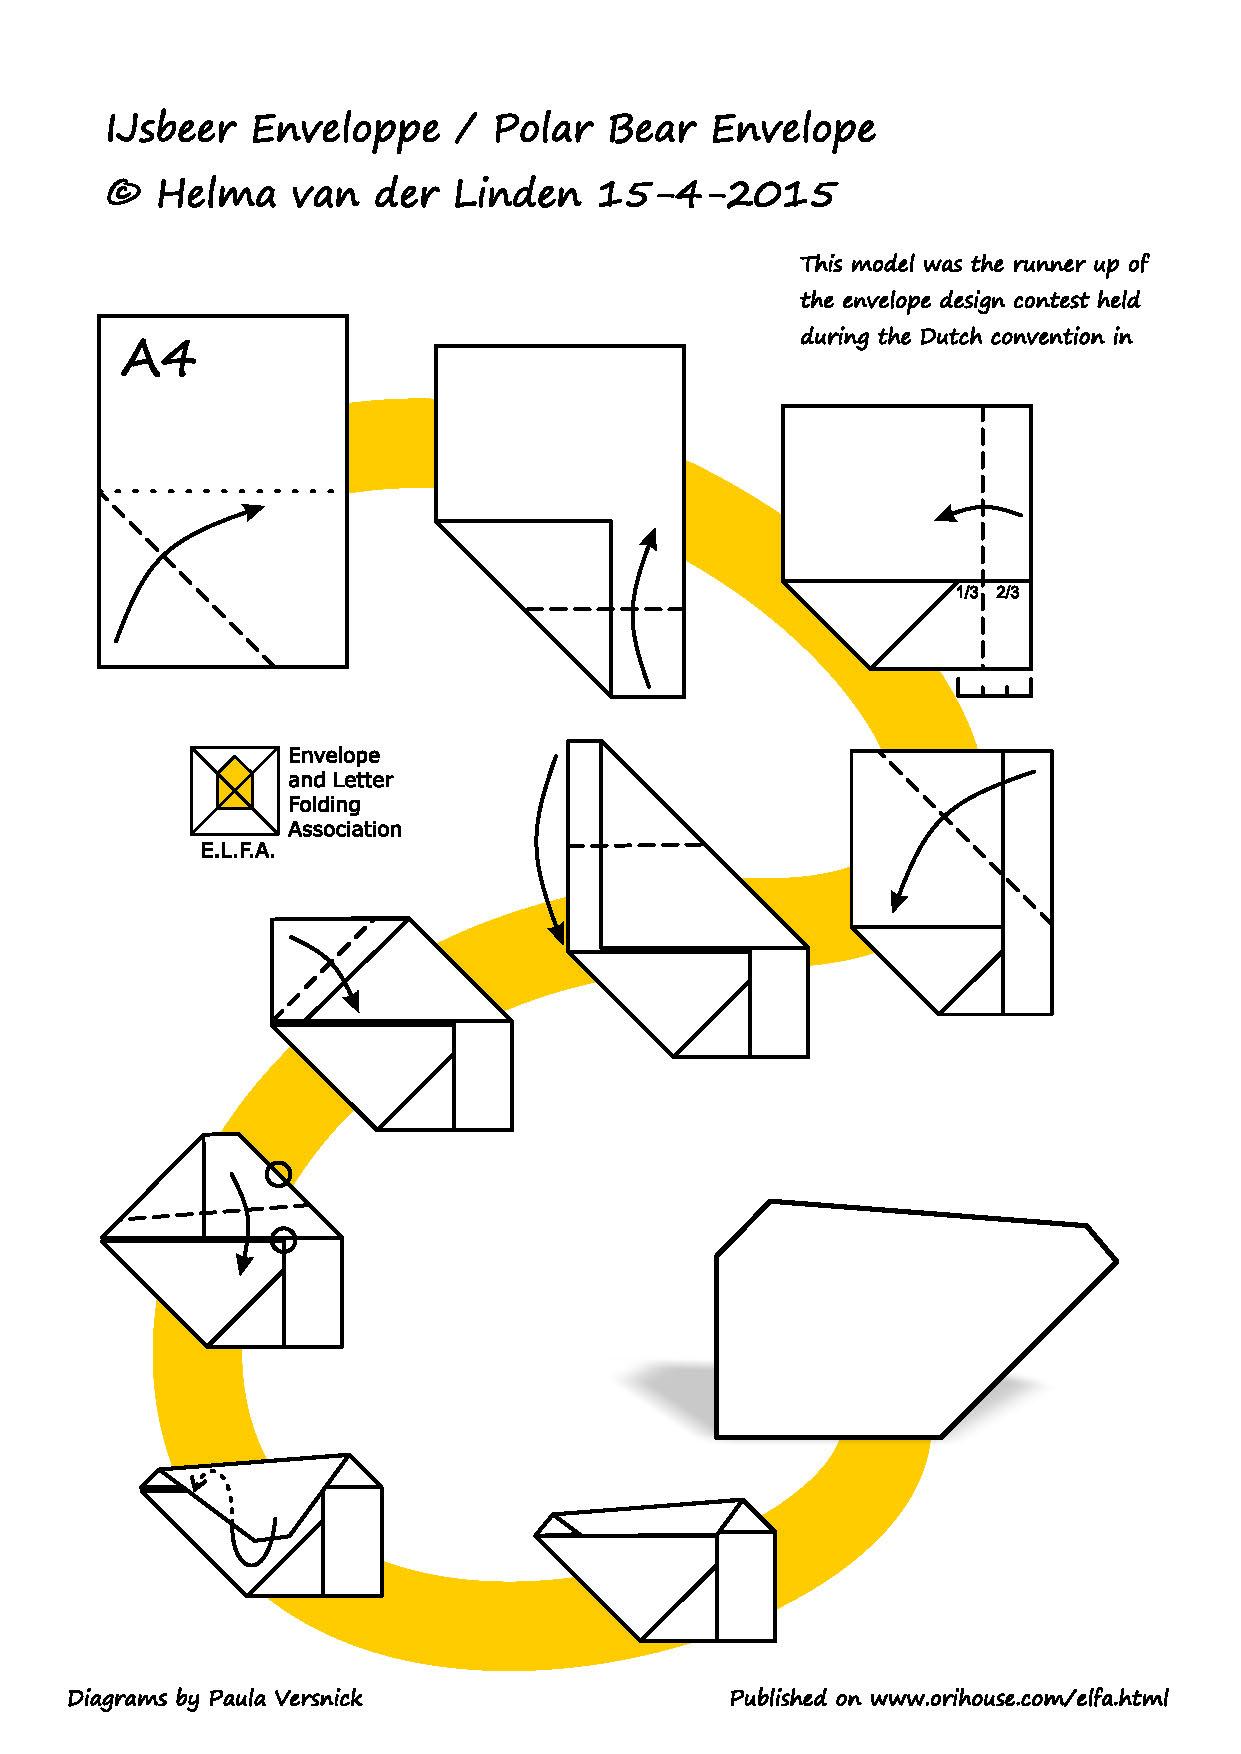 Paulas Orihouse Origami Bear Diagram Polar Envelope By Helma Van Der Linden Ijsbeer